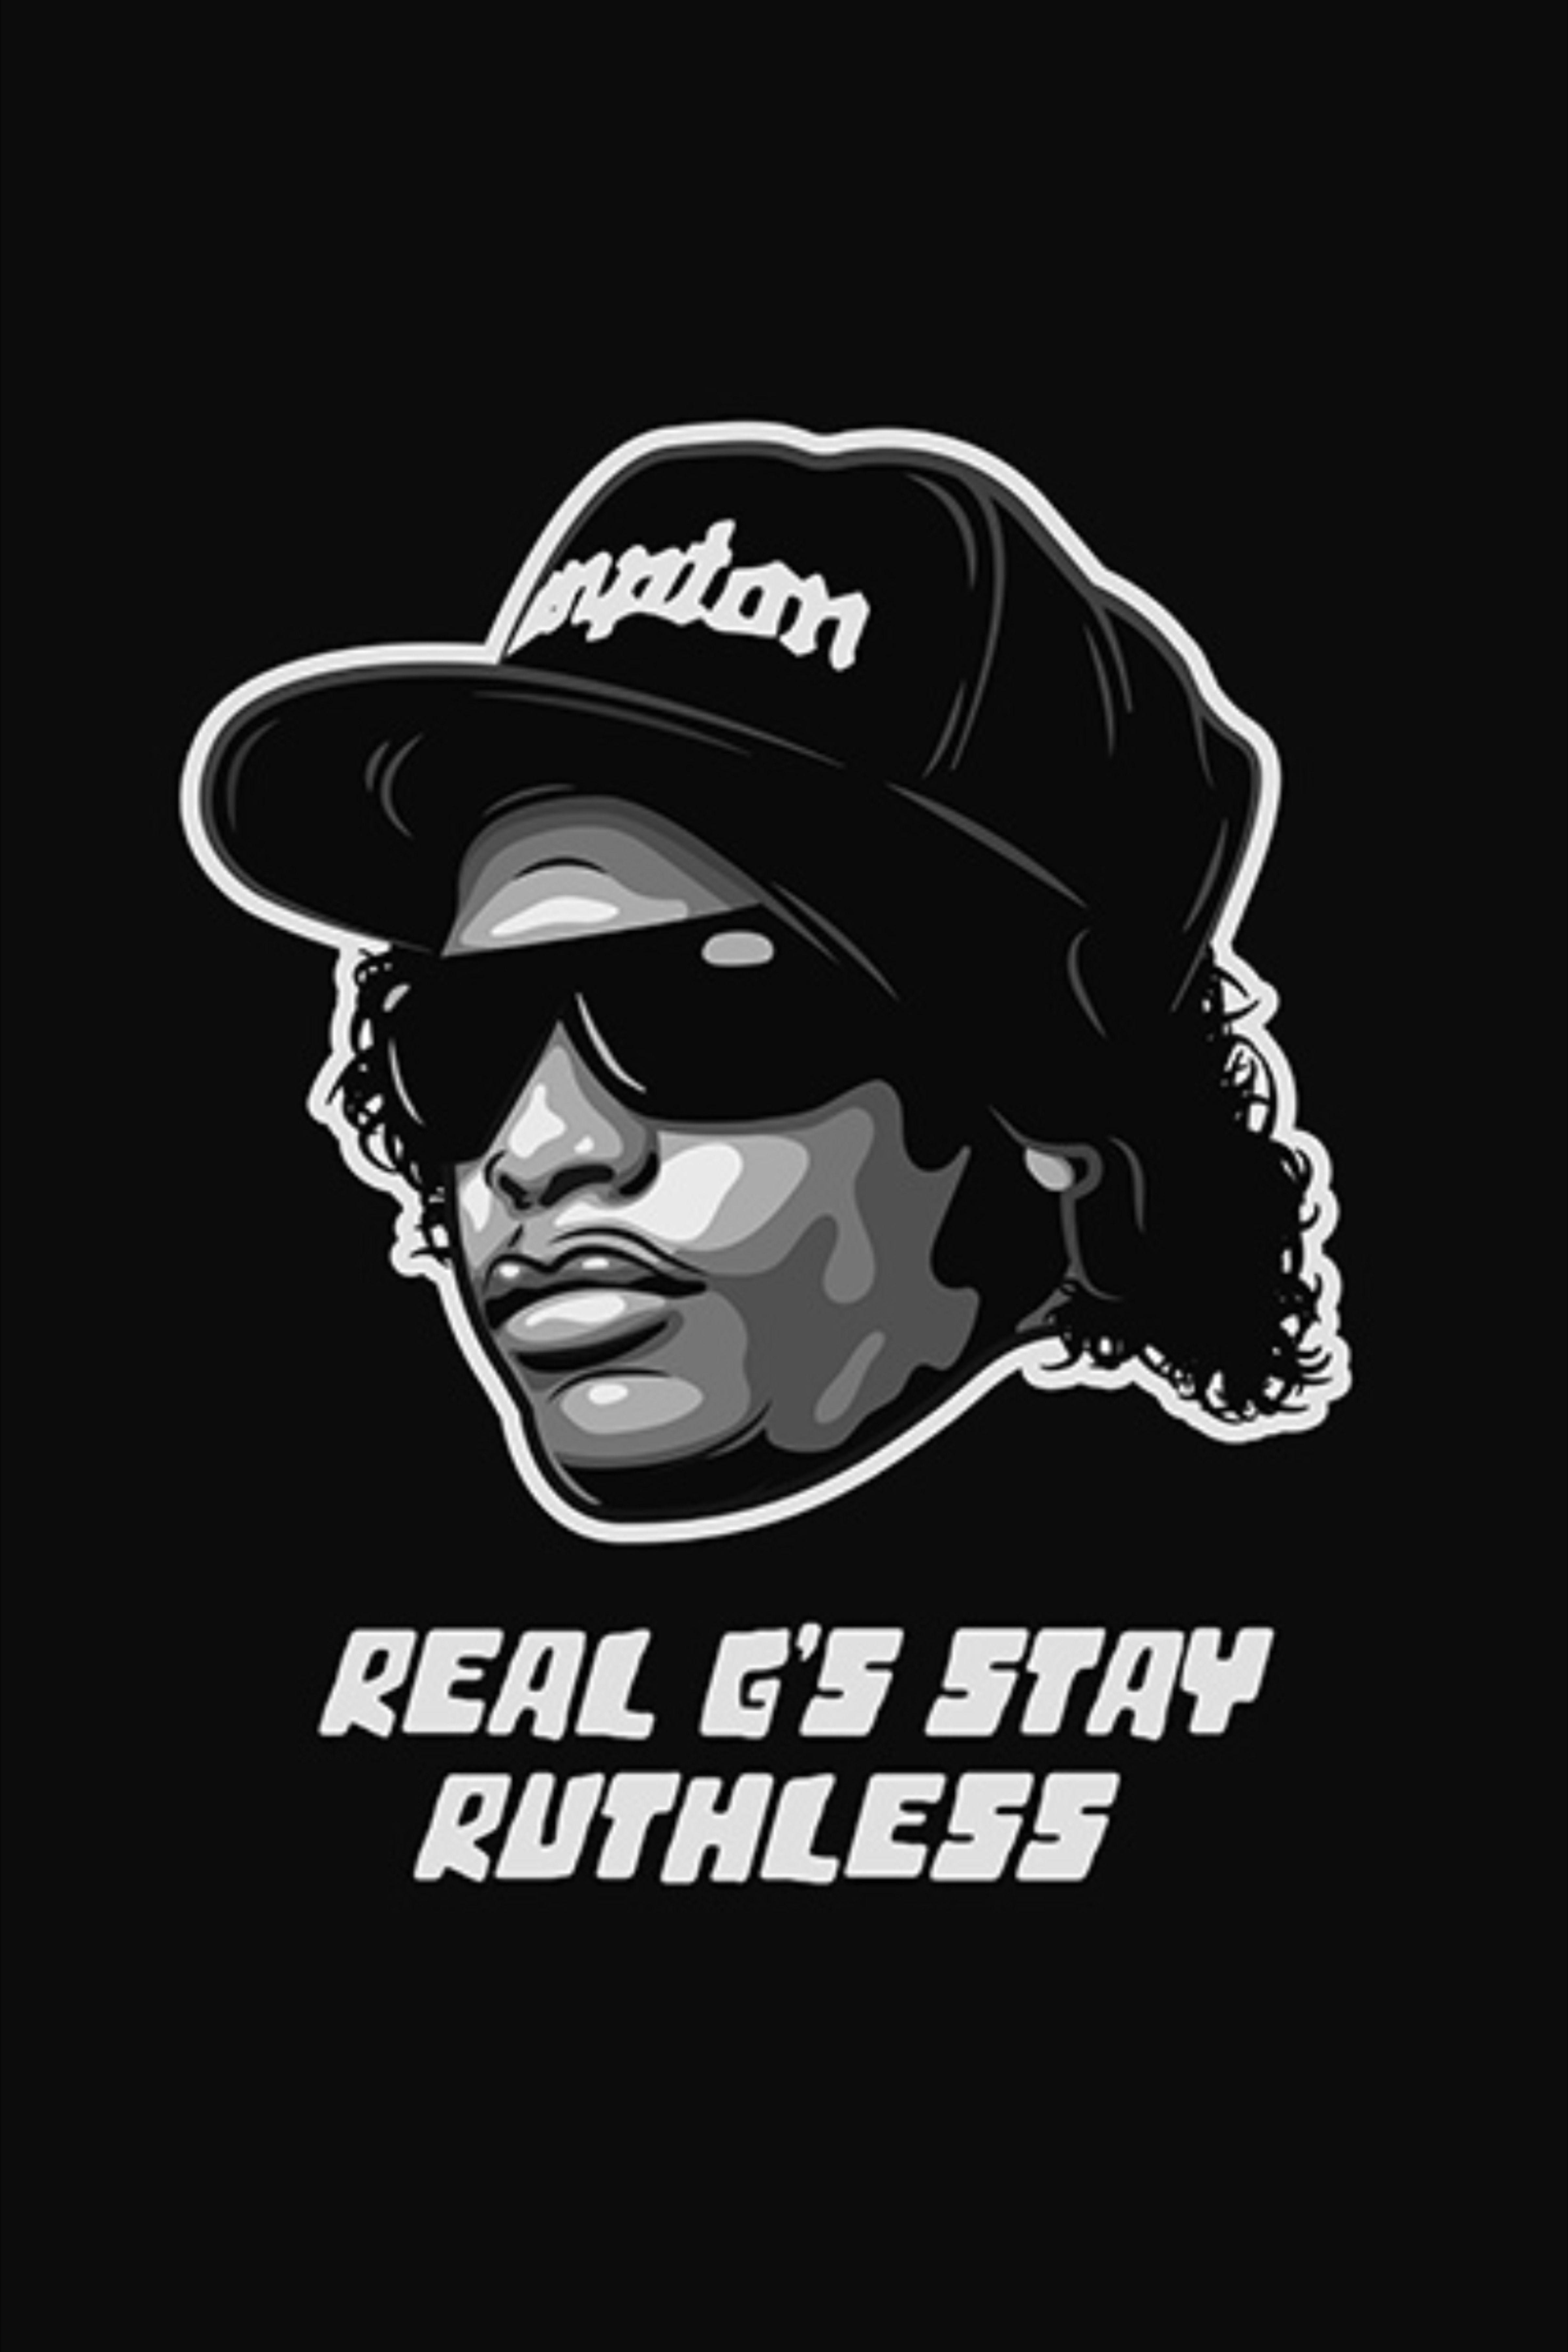 Eazye poster rap poster rap lyrics wall art hip hop